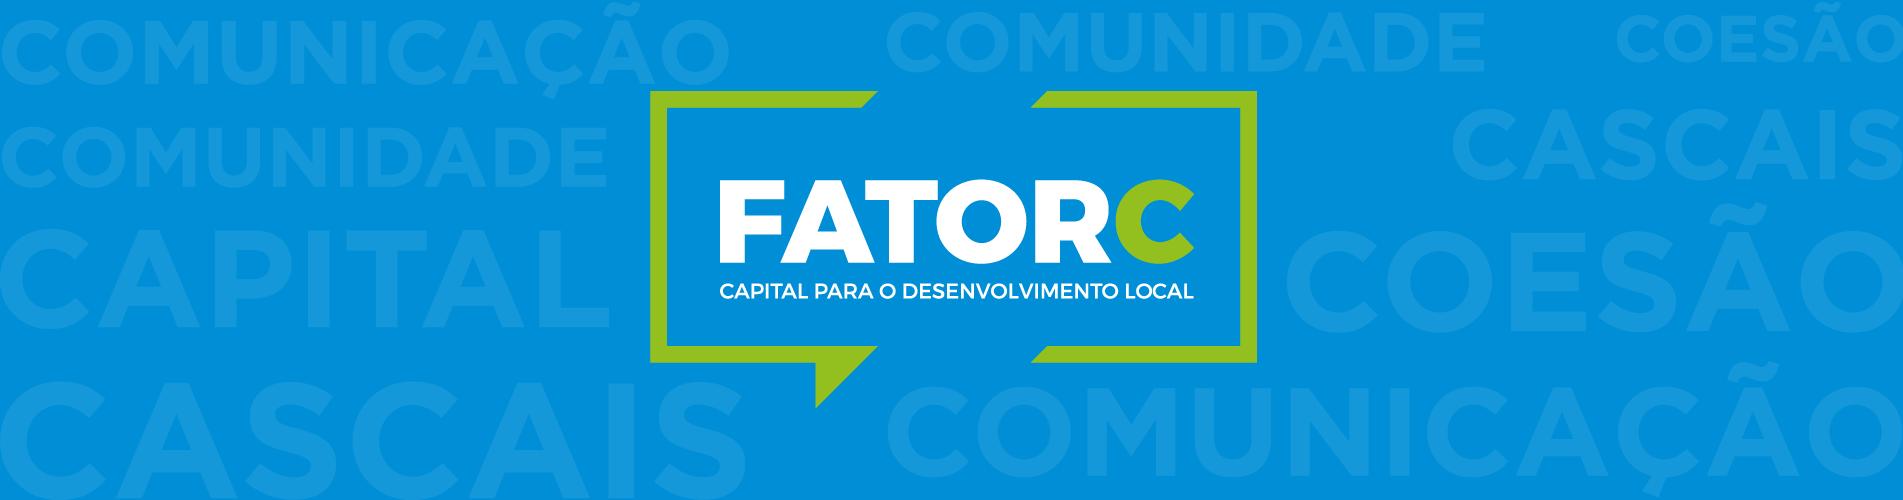 FatorC - Capital para o desenvolvimento local alcabideche e são domingos de rana 3